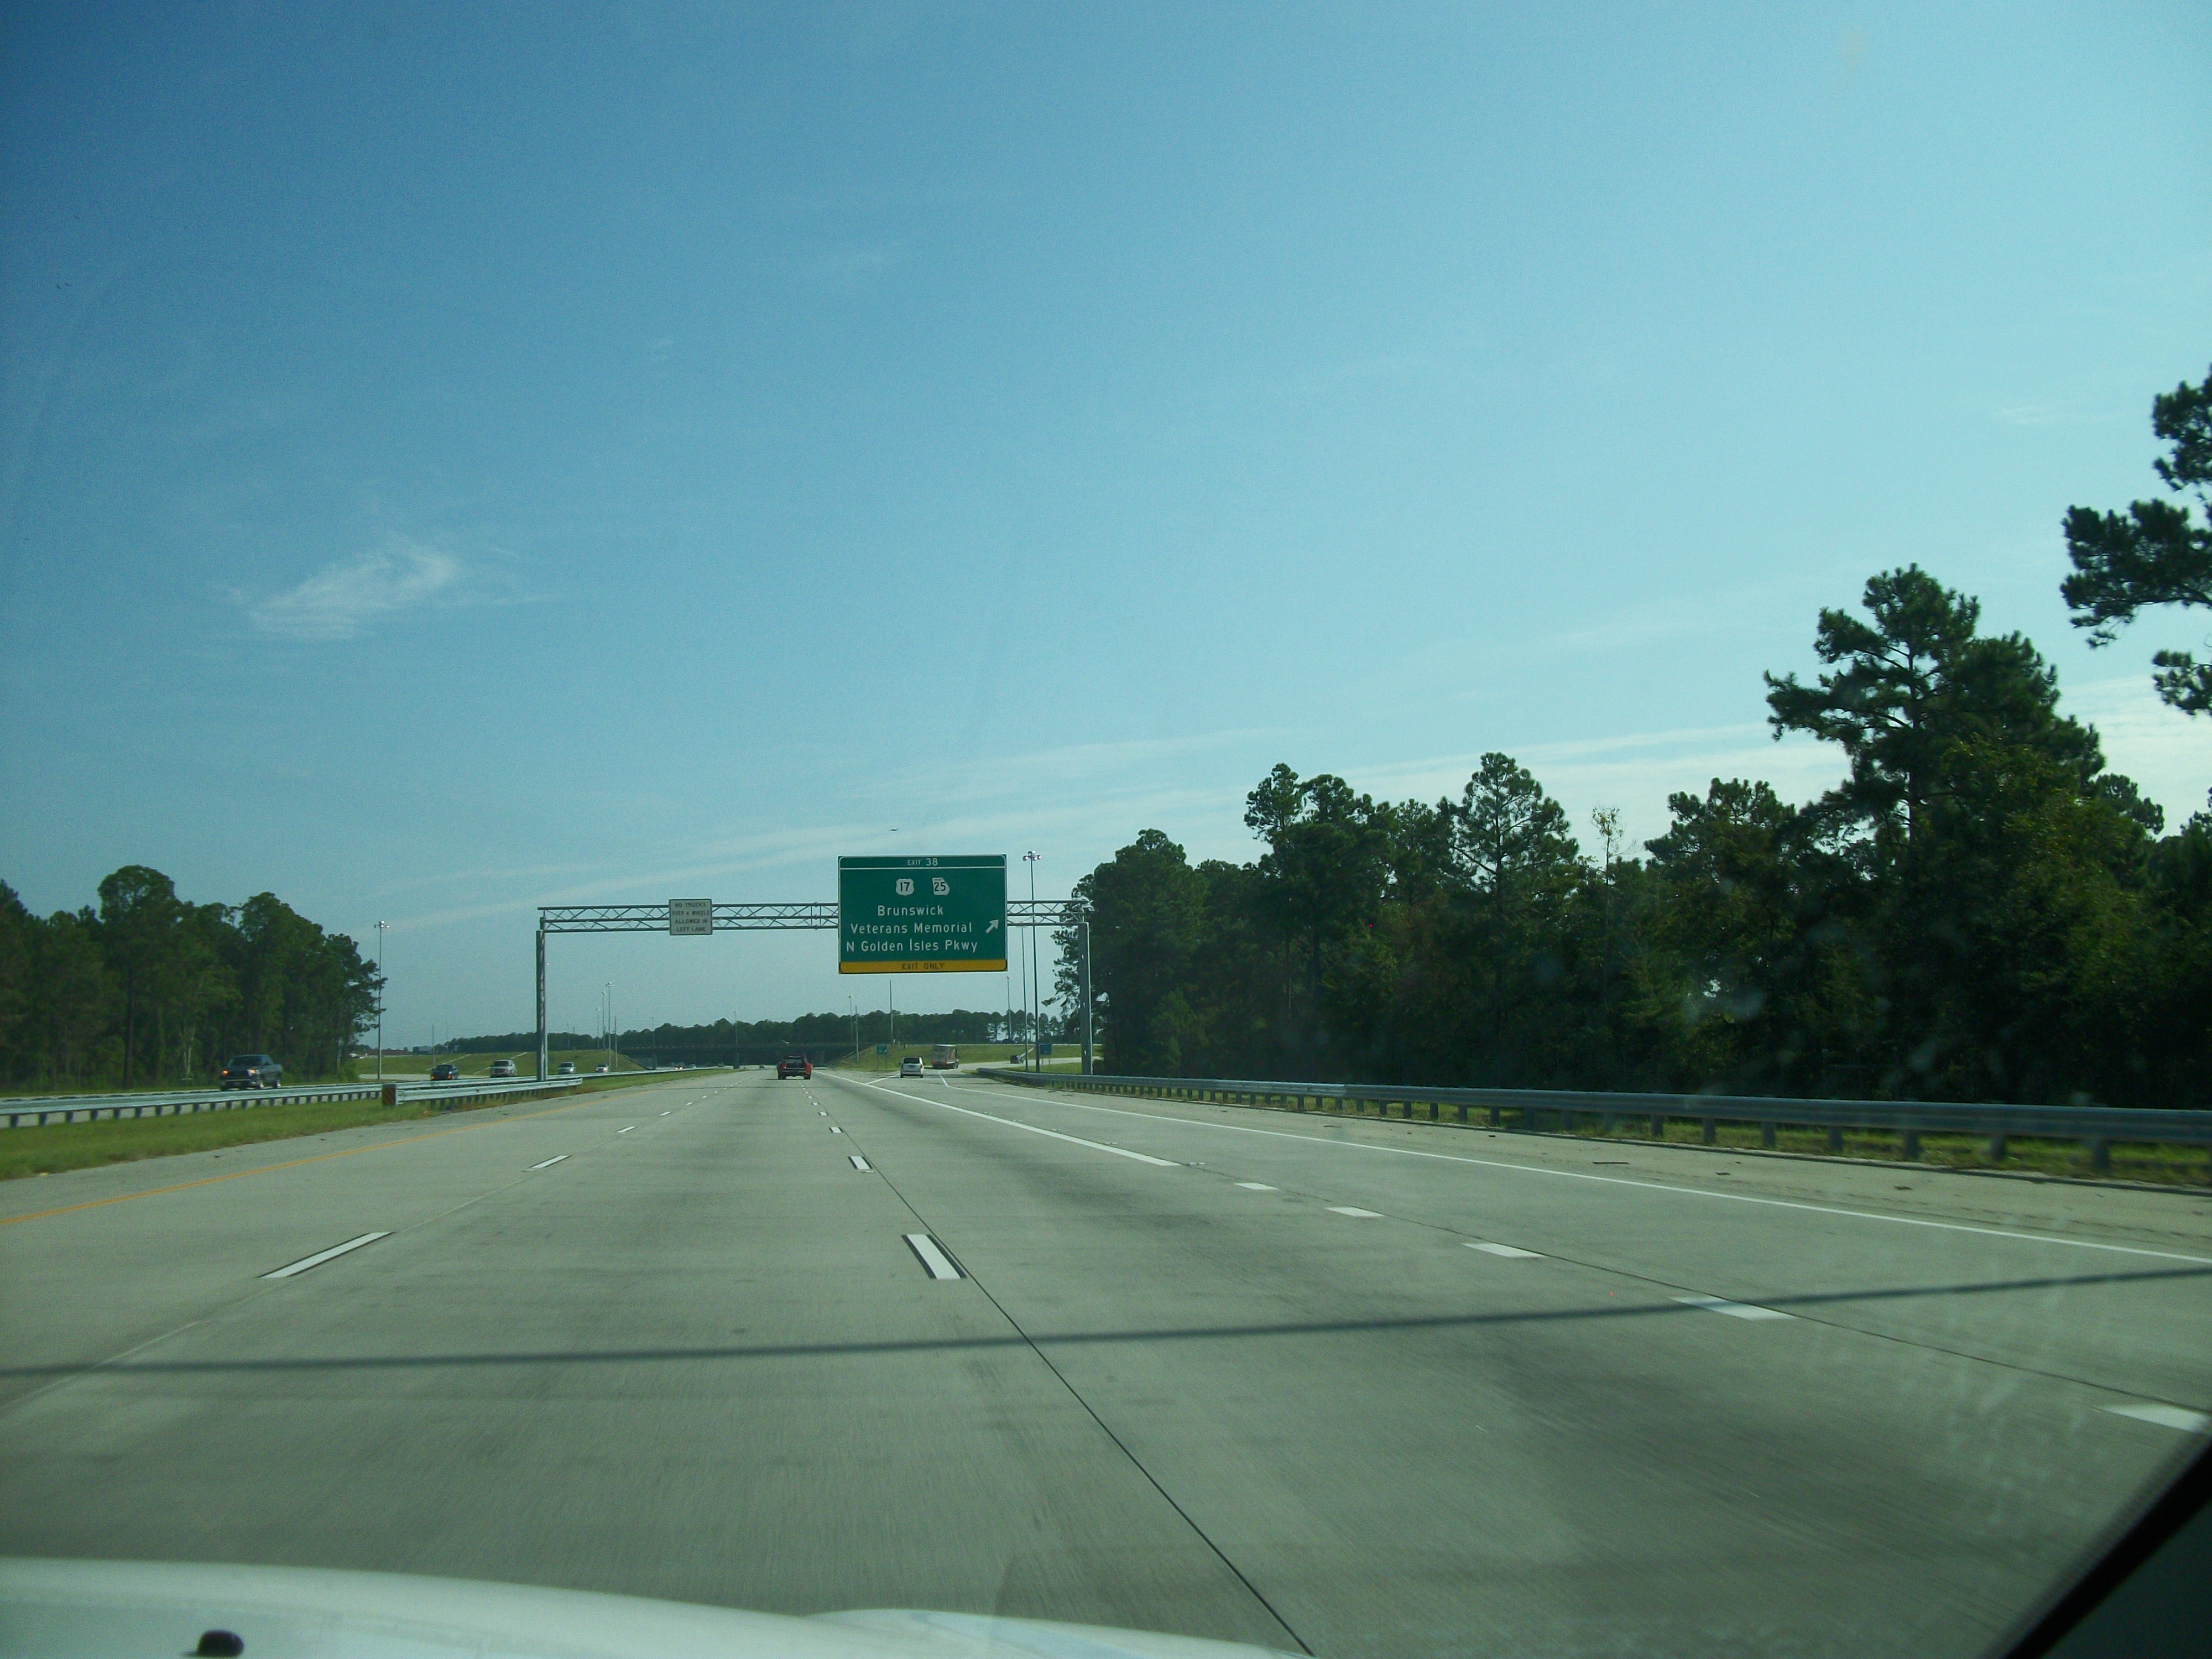 File:NB I-95 @ Exit 38...I 95 Exit 29 Georgia